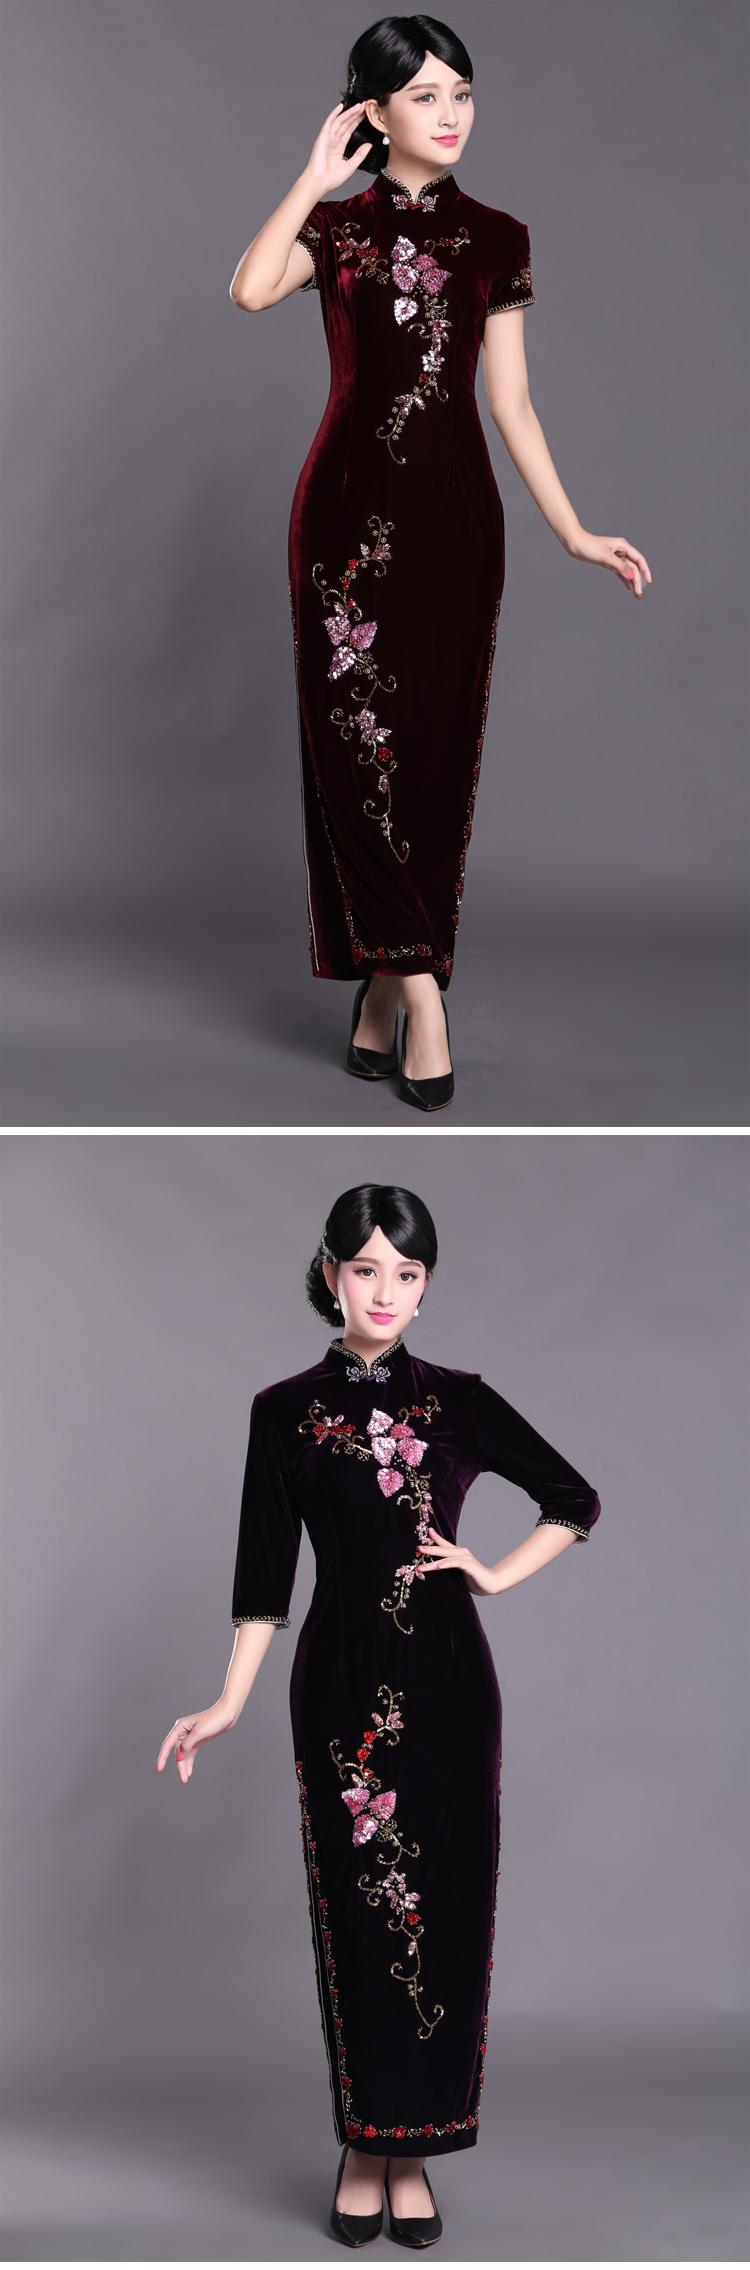 乔尚名媛金丝绒旗袍裙宴会礼服长款srdz001 酒红色中袖 3xl